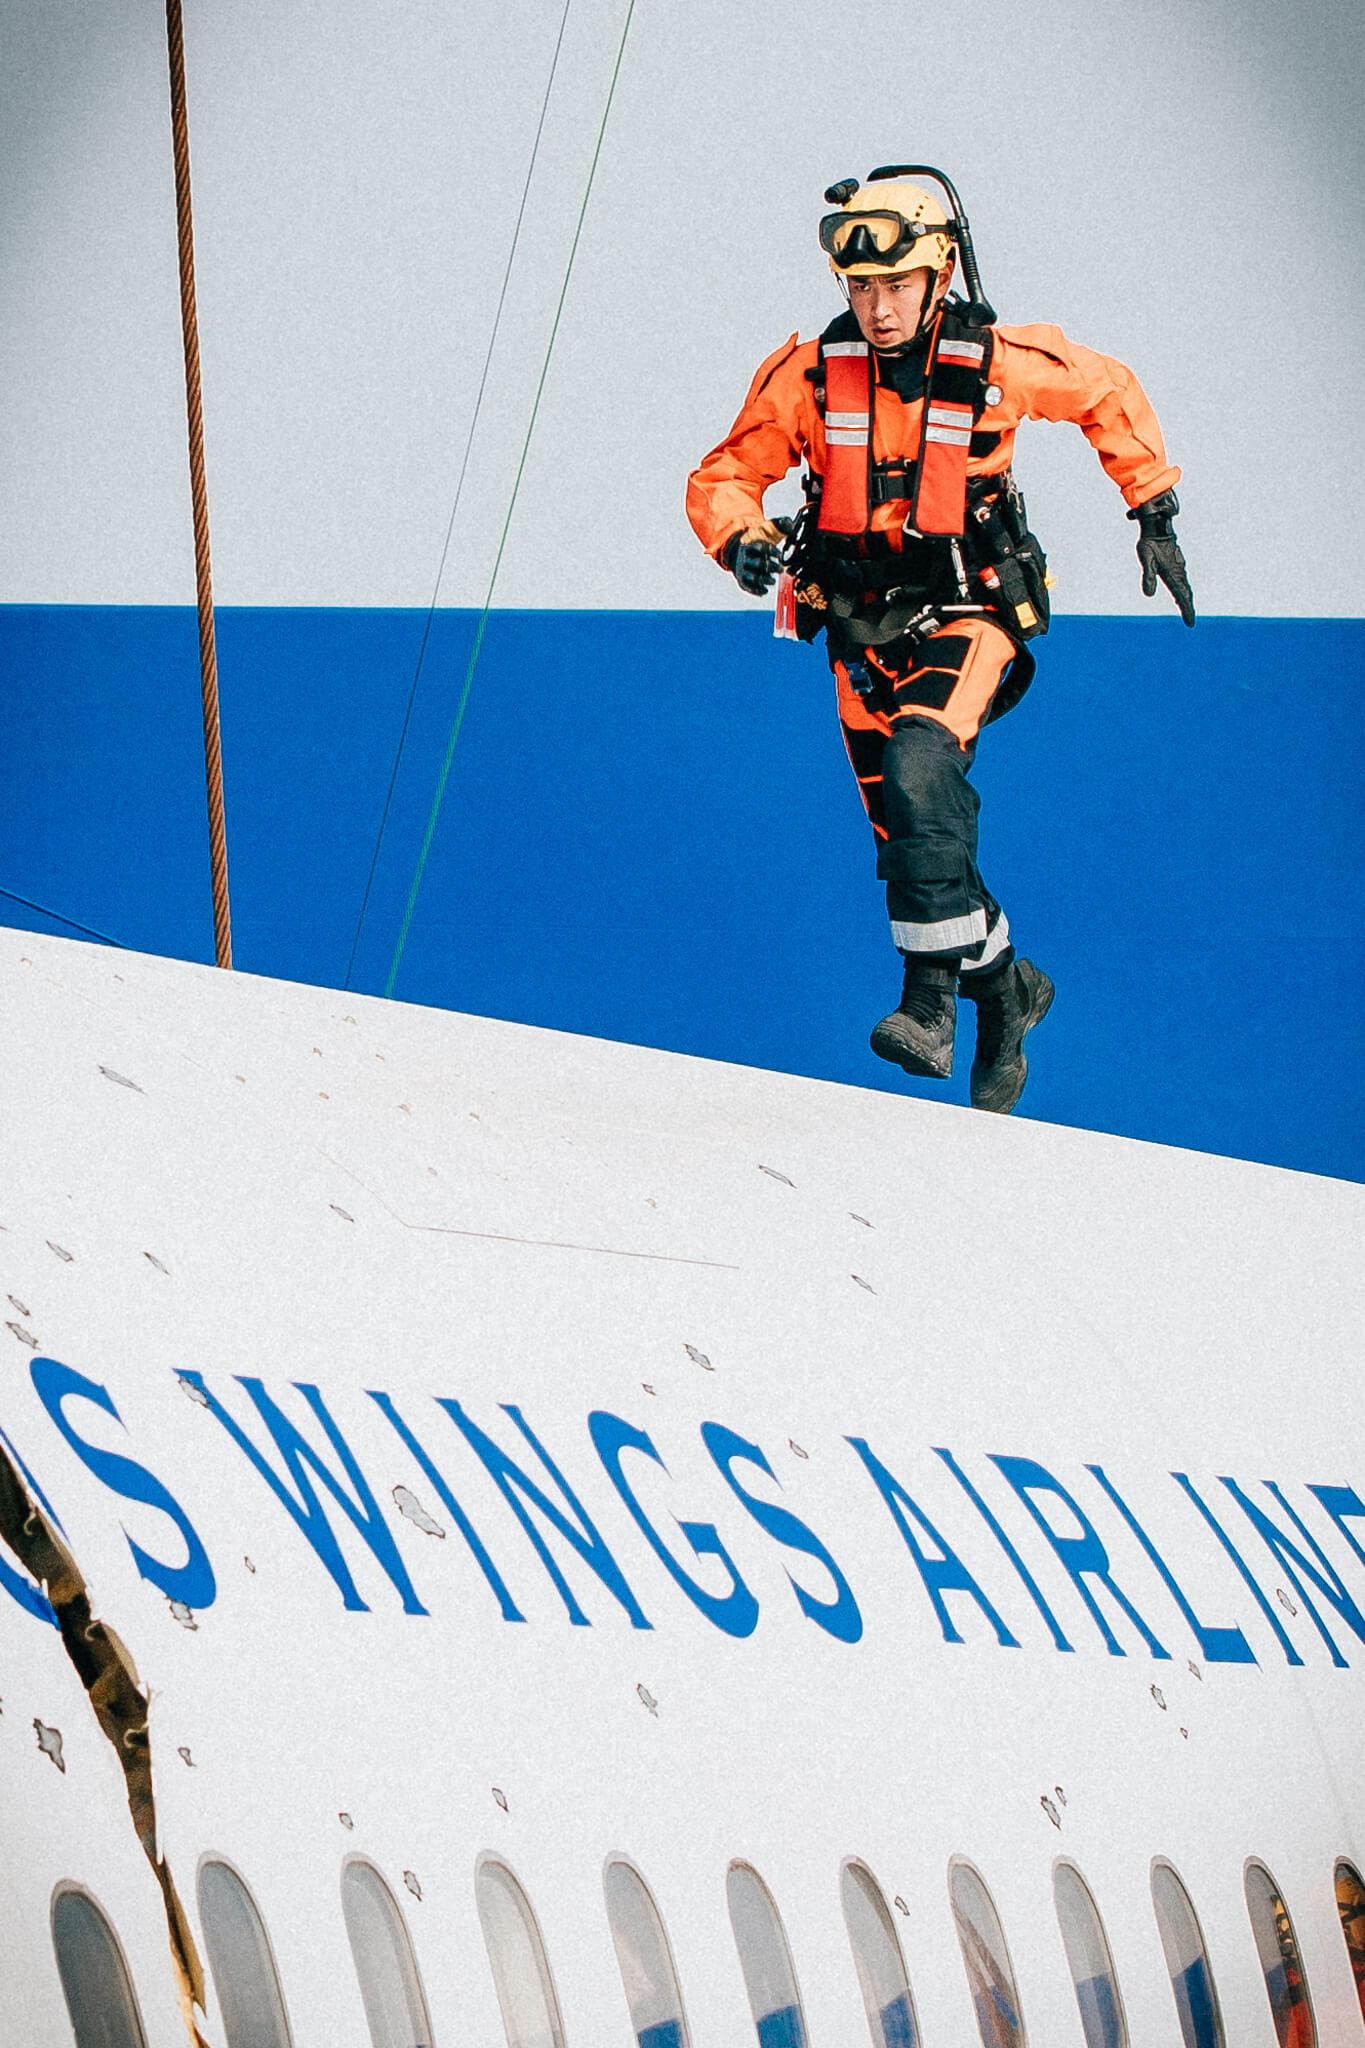 王彥霖奮力在機頭進行救援工作